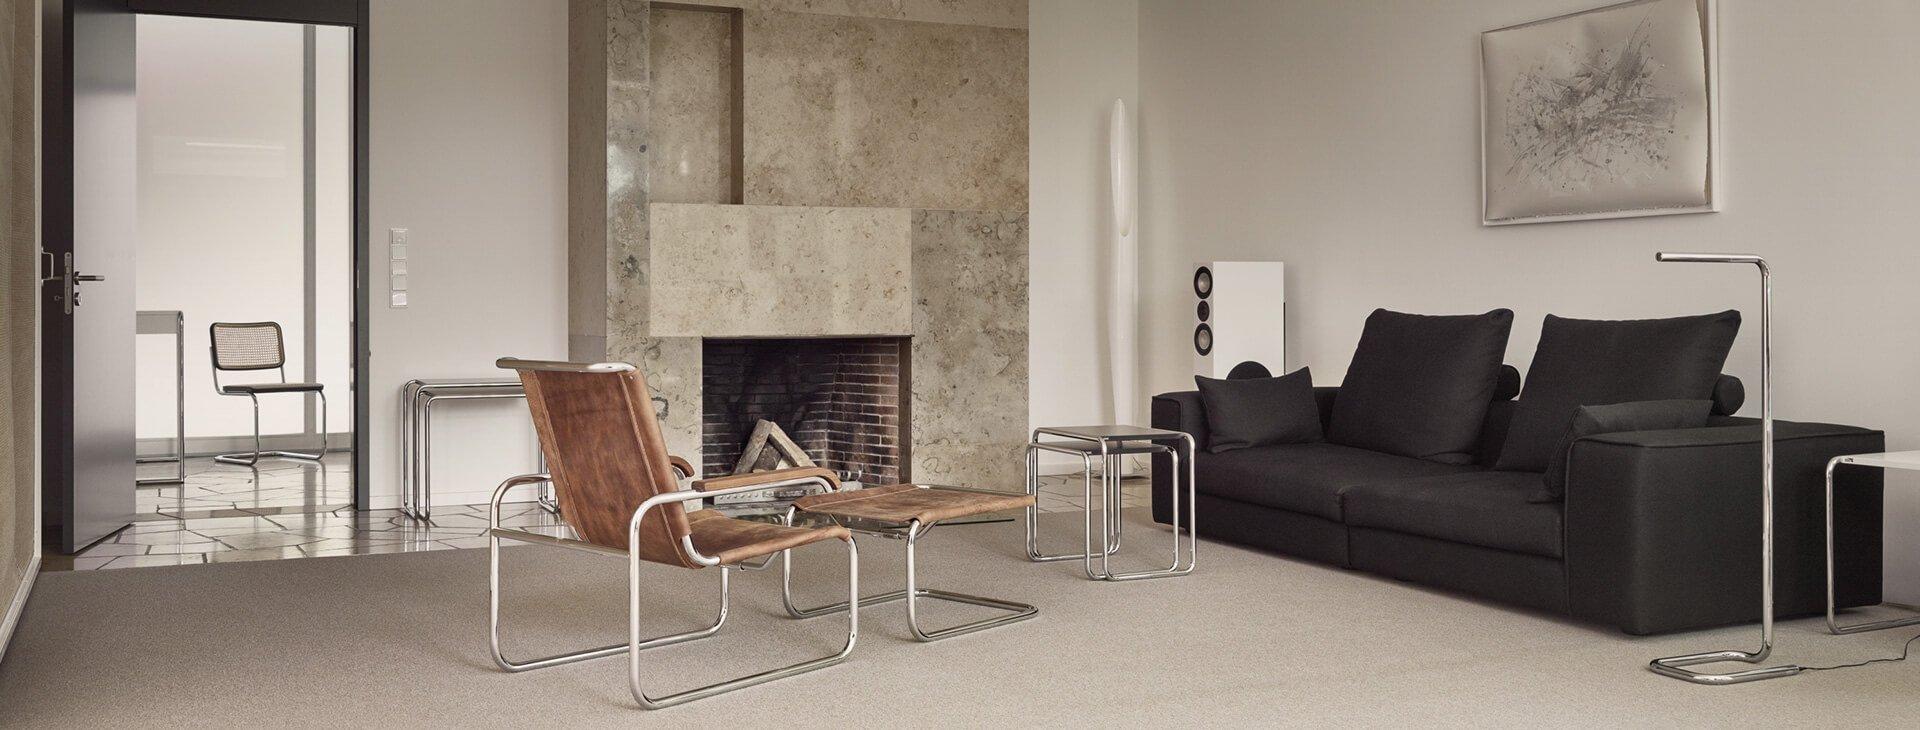 einefragedesdesigns monika maria eller stilwerk news. Black Bedroom Furniture Sets. Home Design Ideas